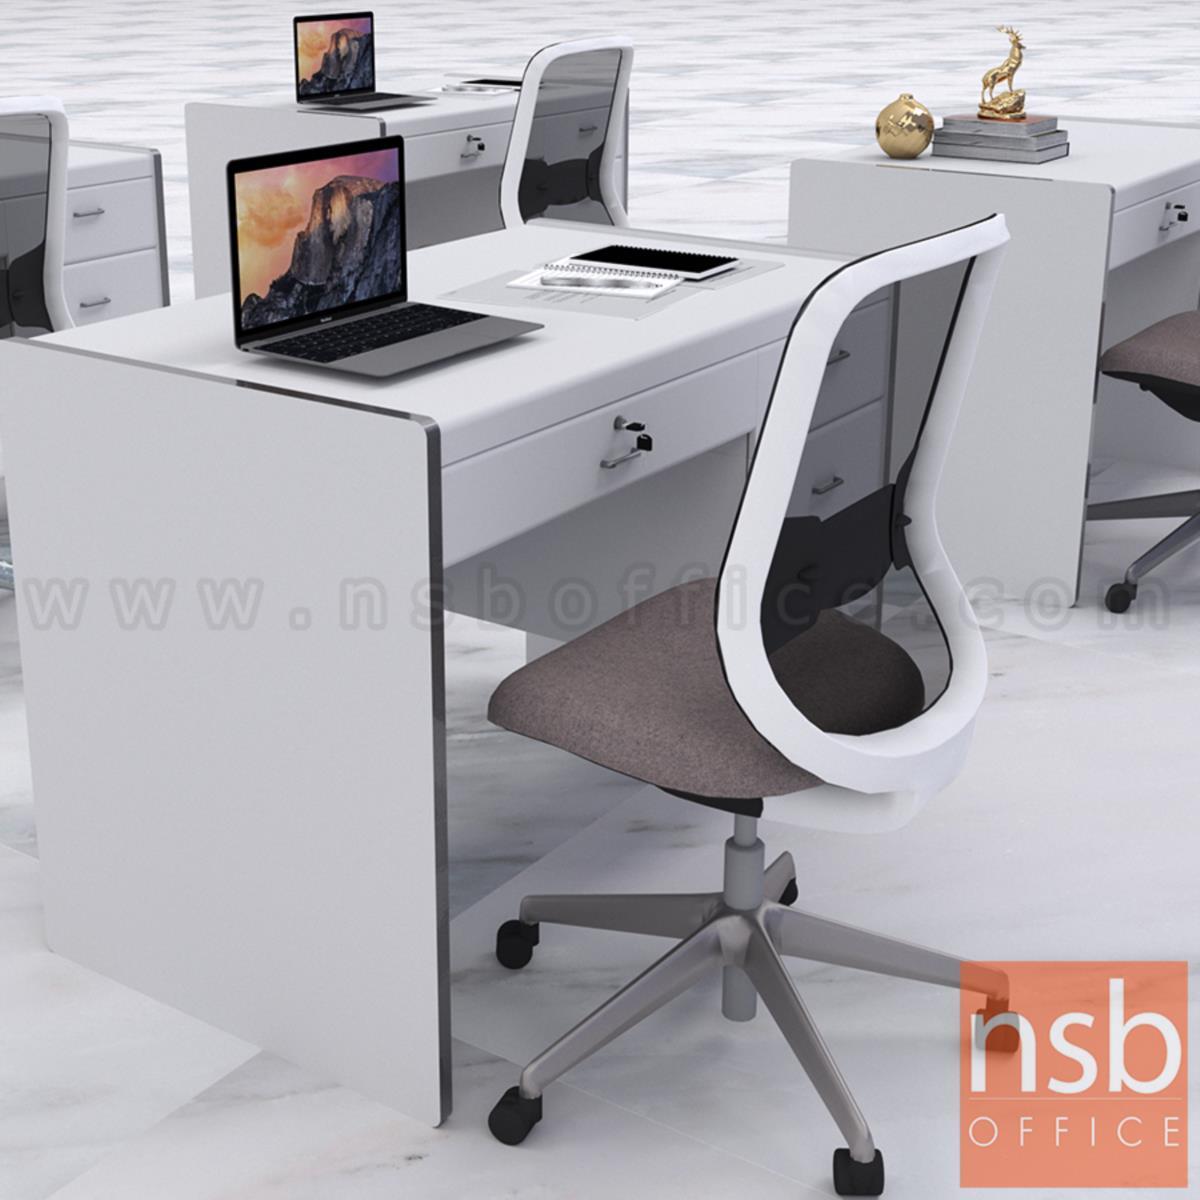 โต๊ะทำงาน 3 ลิ้นชัก รุ่น Aly (อัลลี) ขนาด 100W ,120W cm.